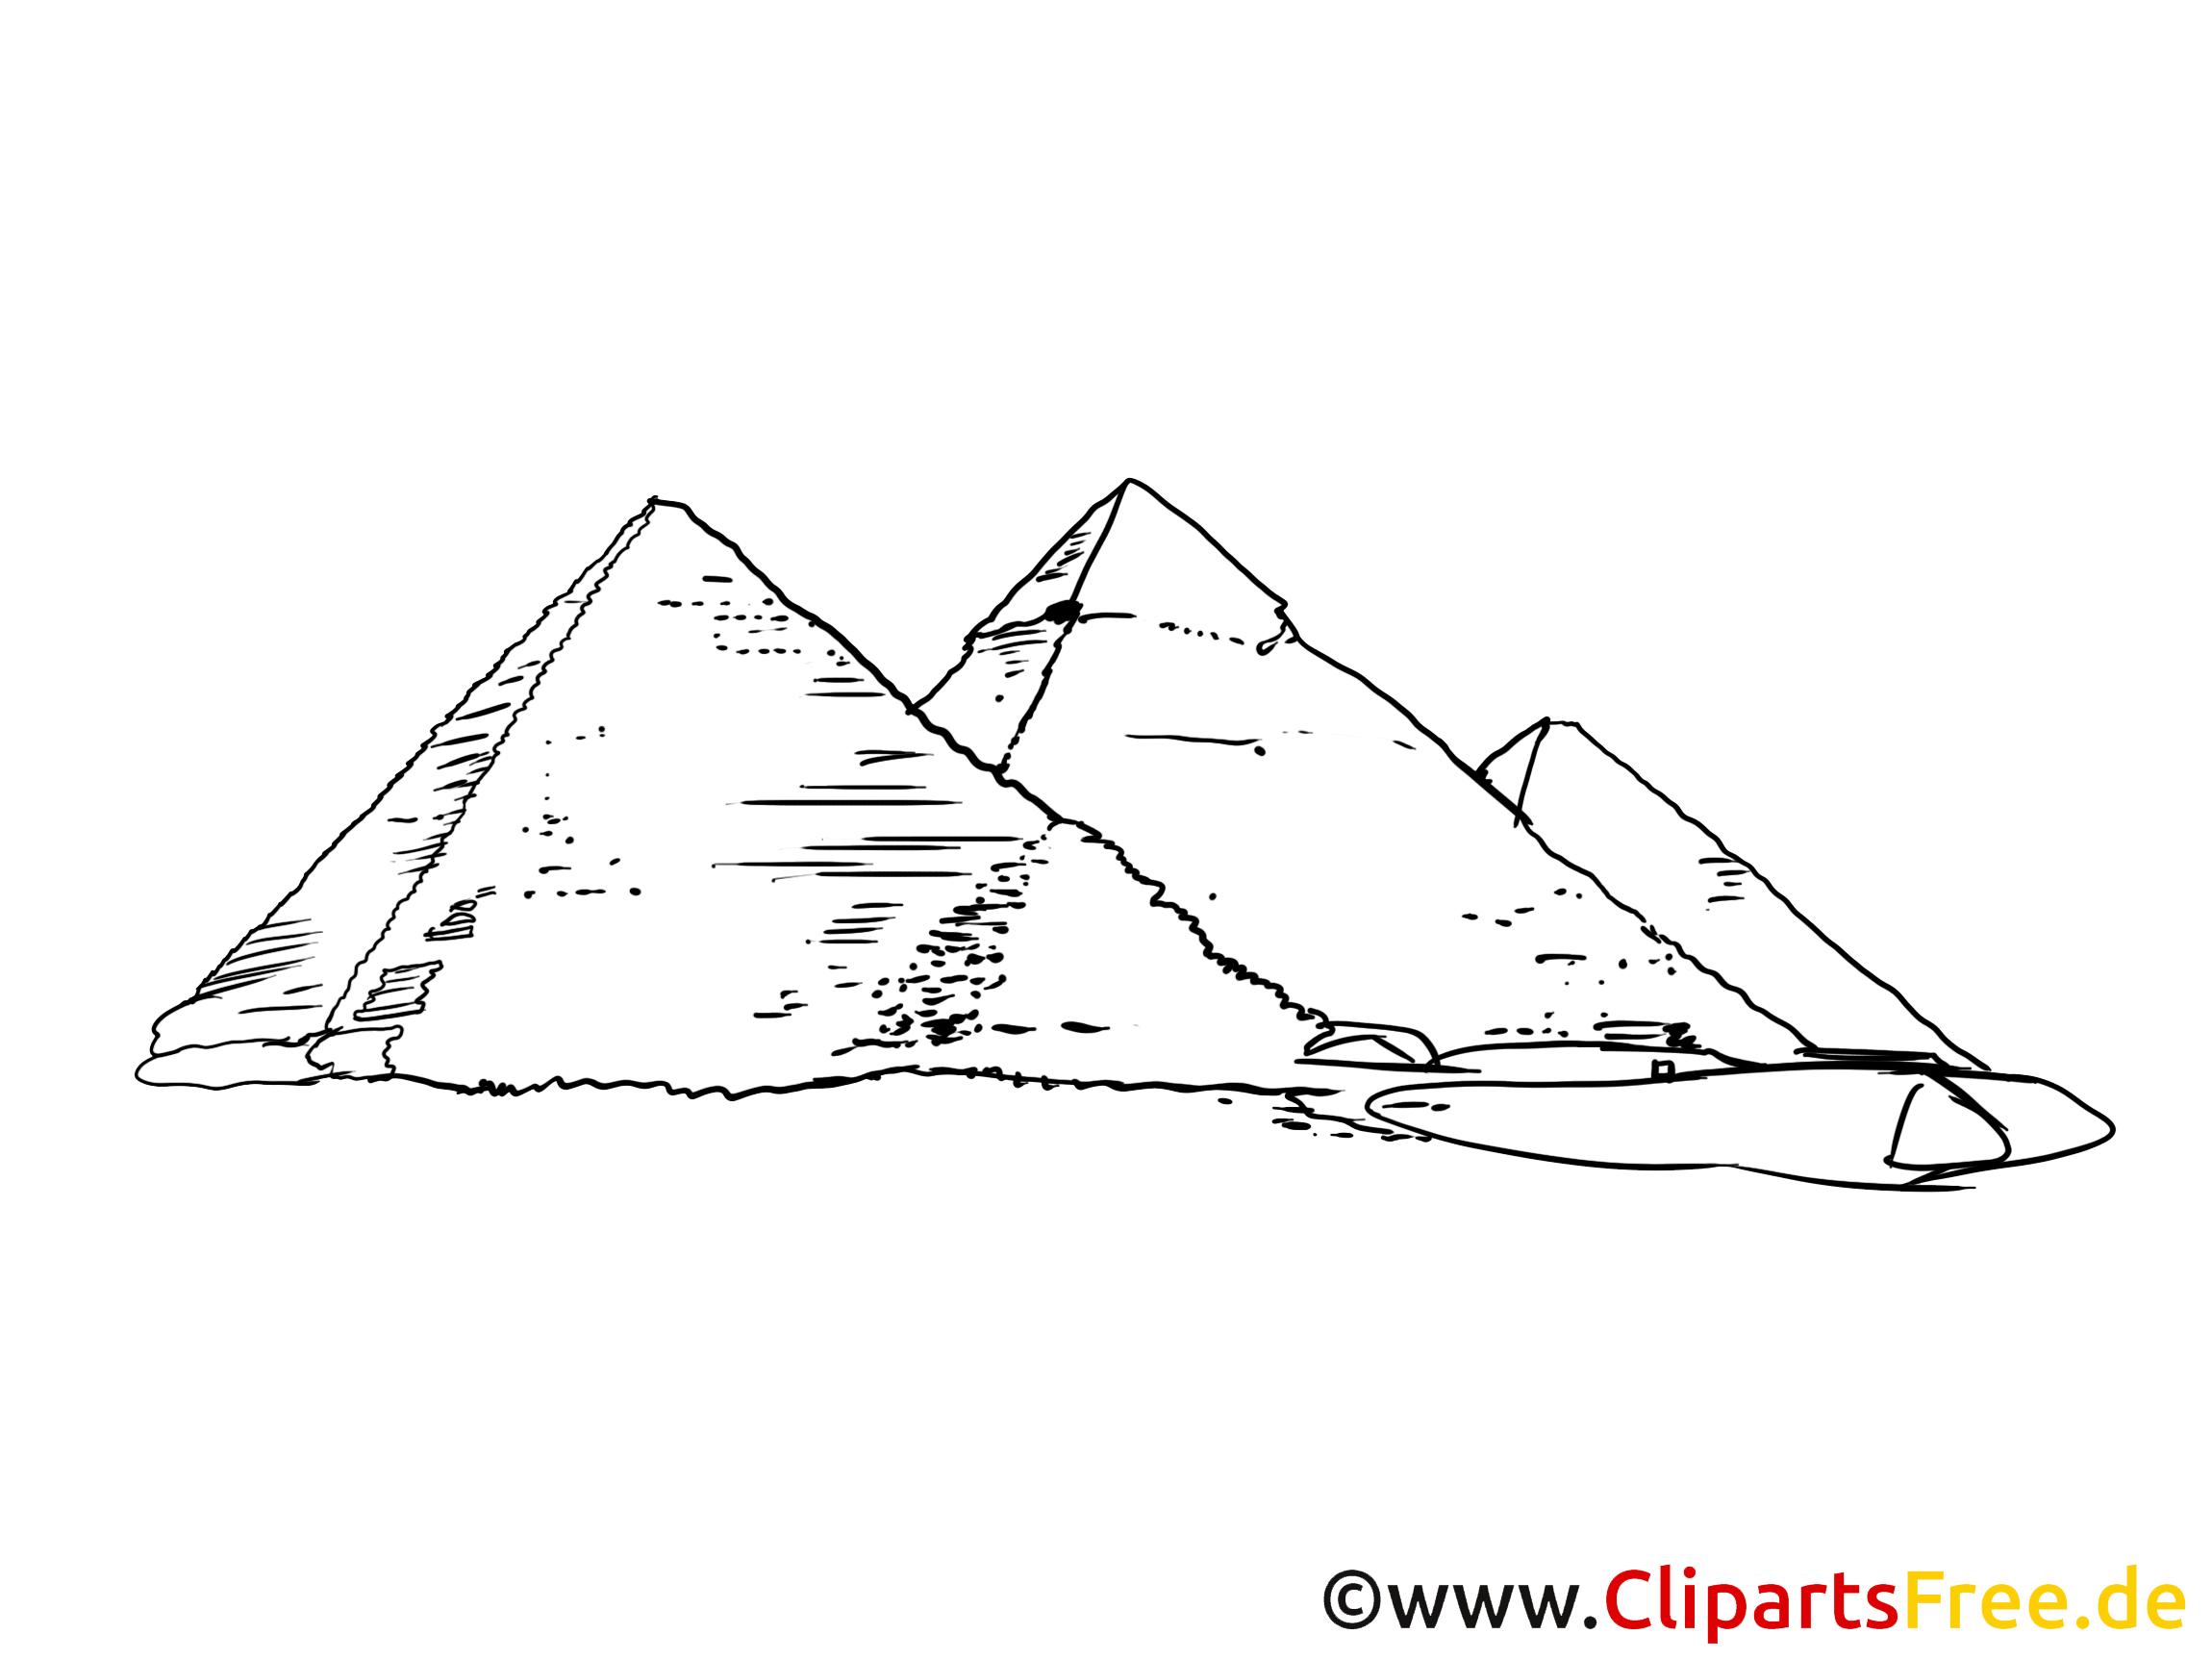 Pyramides carte gratuite - Egypte images gratuites